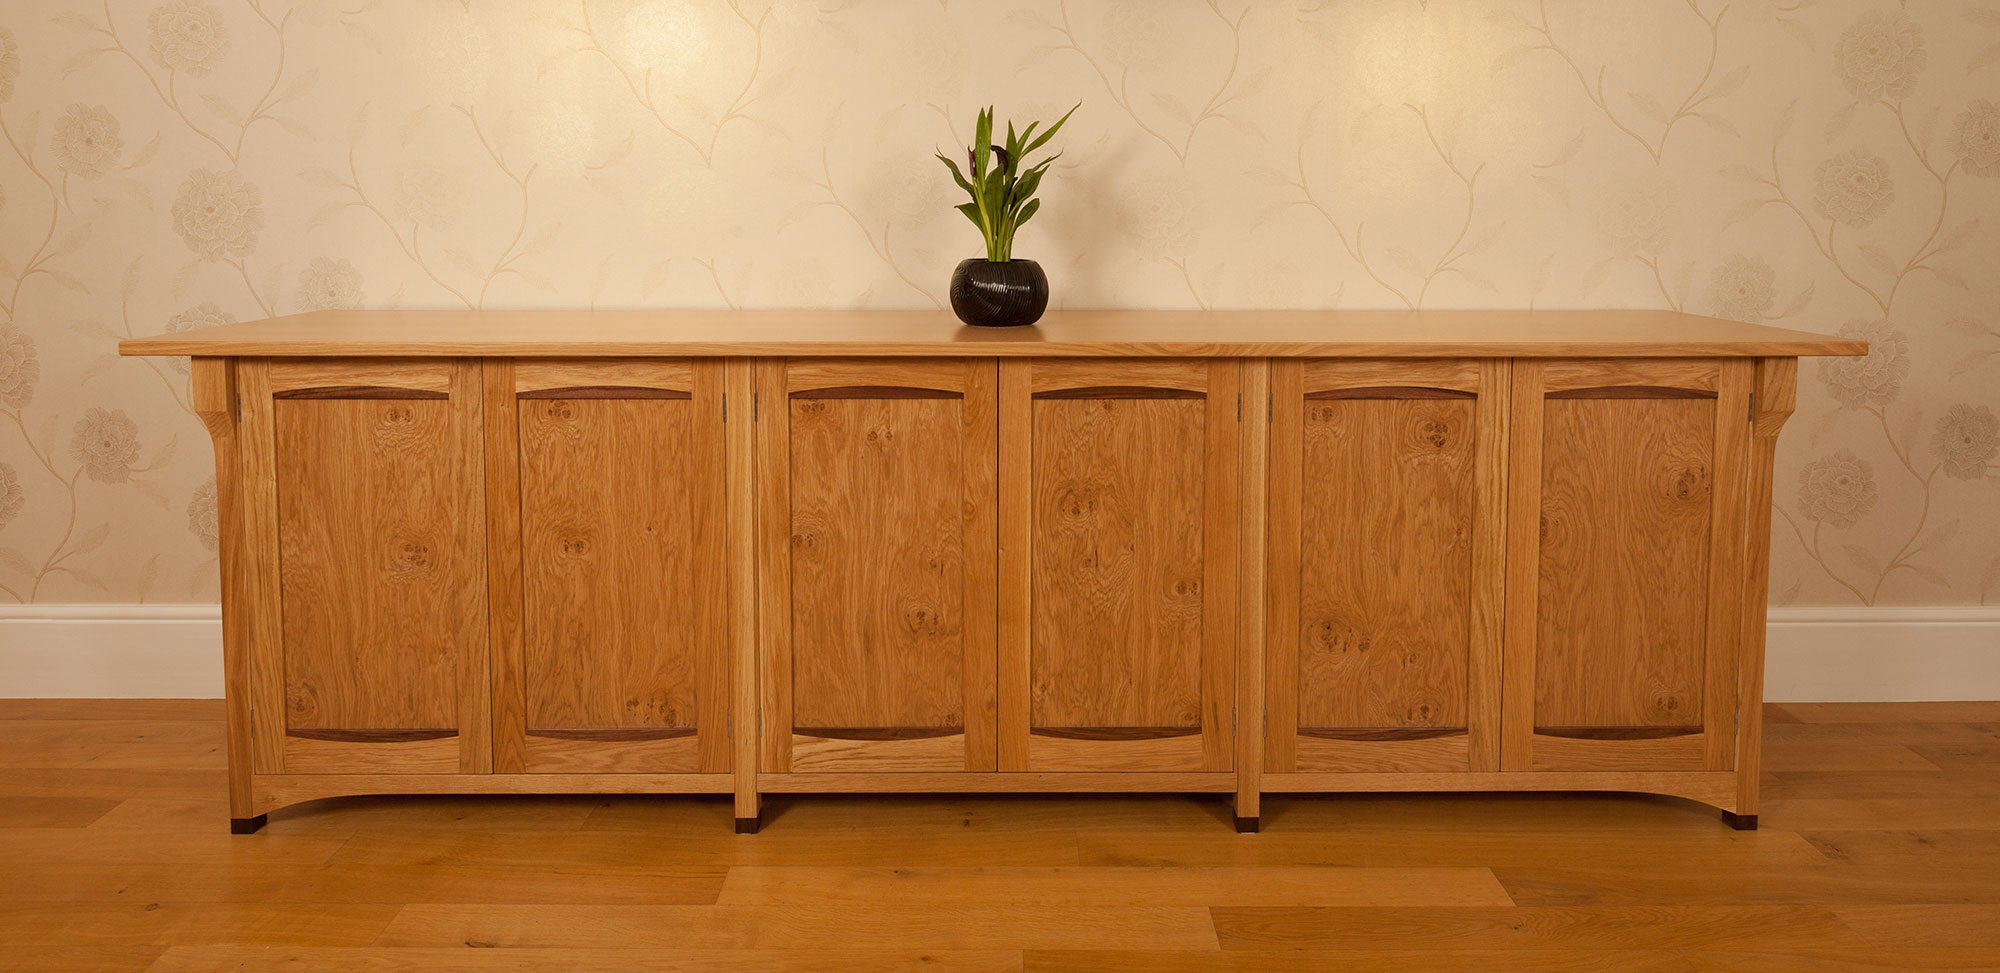 Pippy oak sideboard